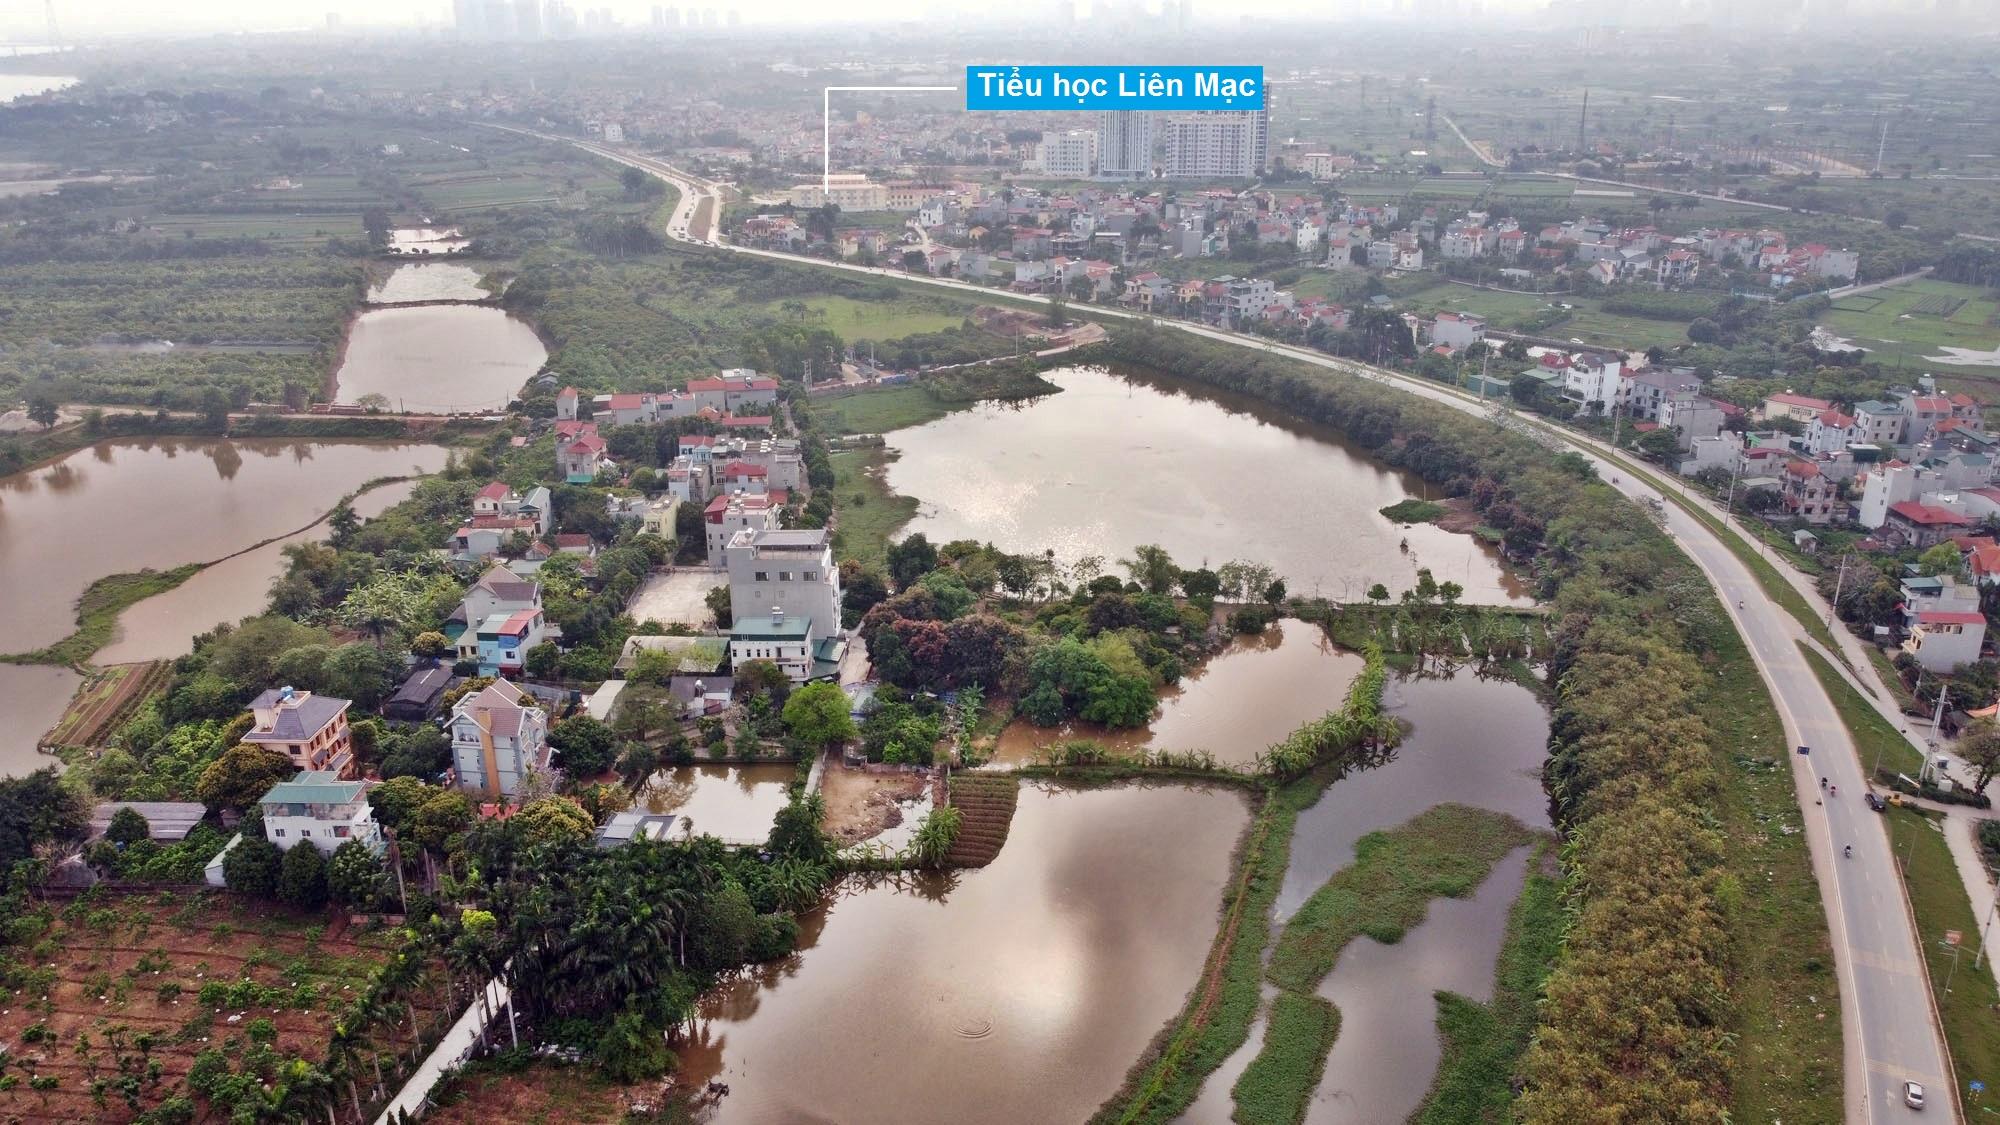 Toàn cảnh hiện trạng Phân khu đô thị sông Hồng trên địa bàn quận Bắc Từ Liêm - Ảnh 9.